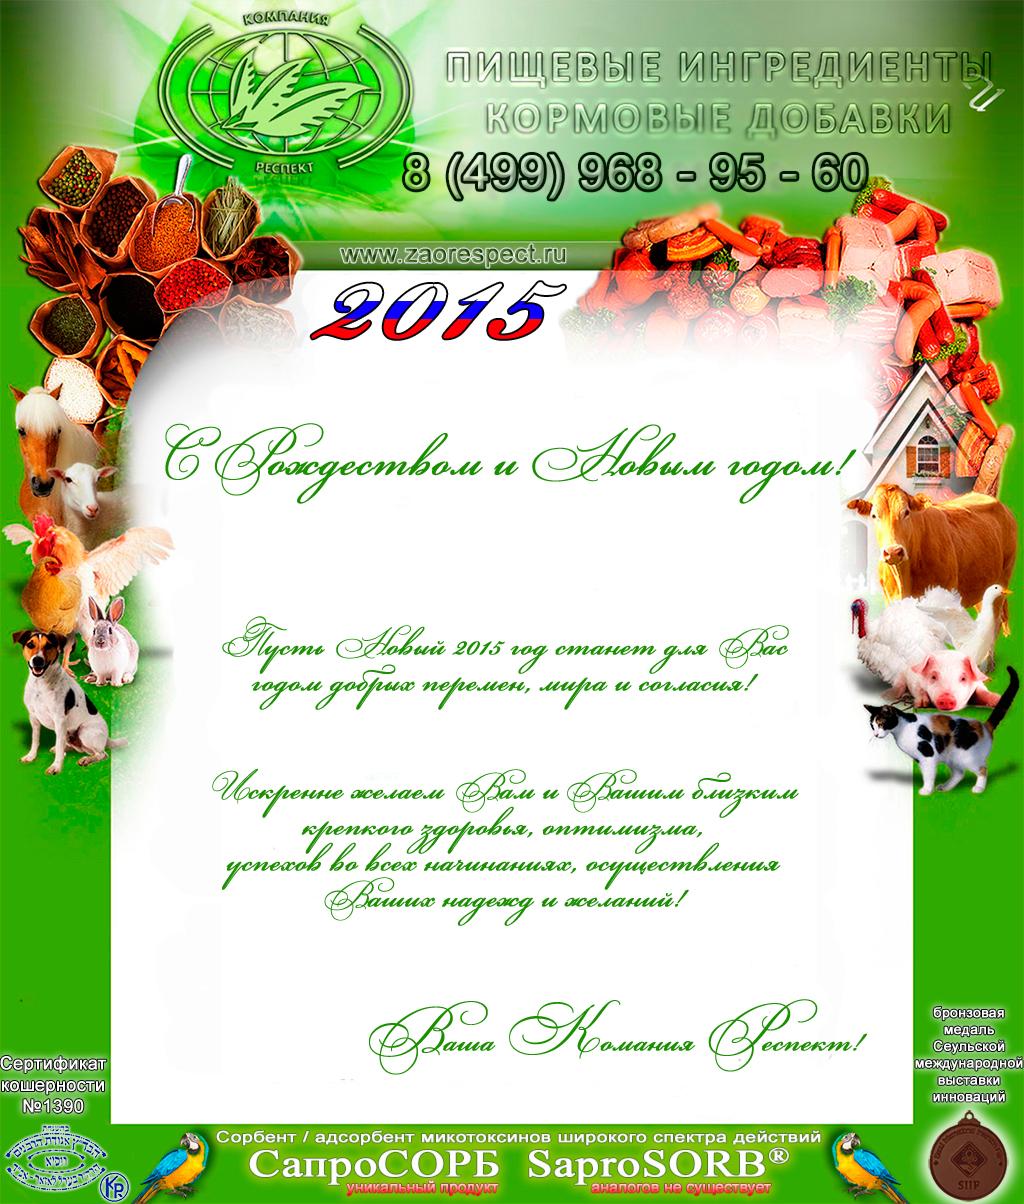 открытка поздравительная от ЗАО РЕСПЕКТ, кормовые добавки для животных, животноводство Сапросорб Сорбент микотоксинов